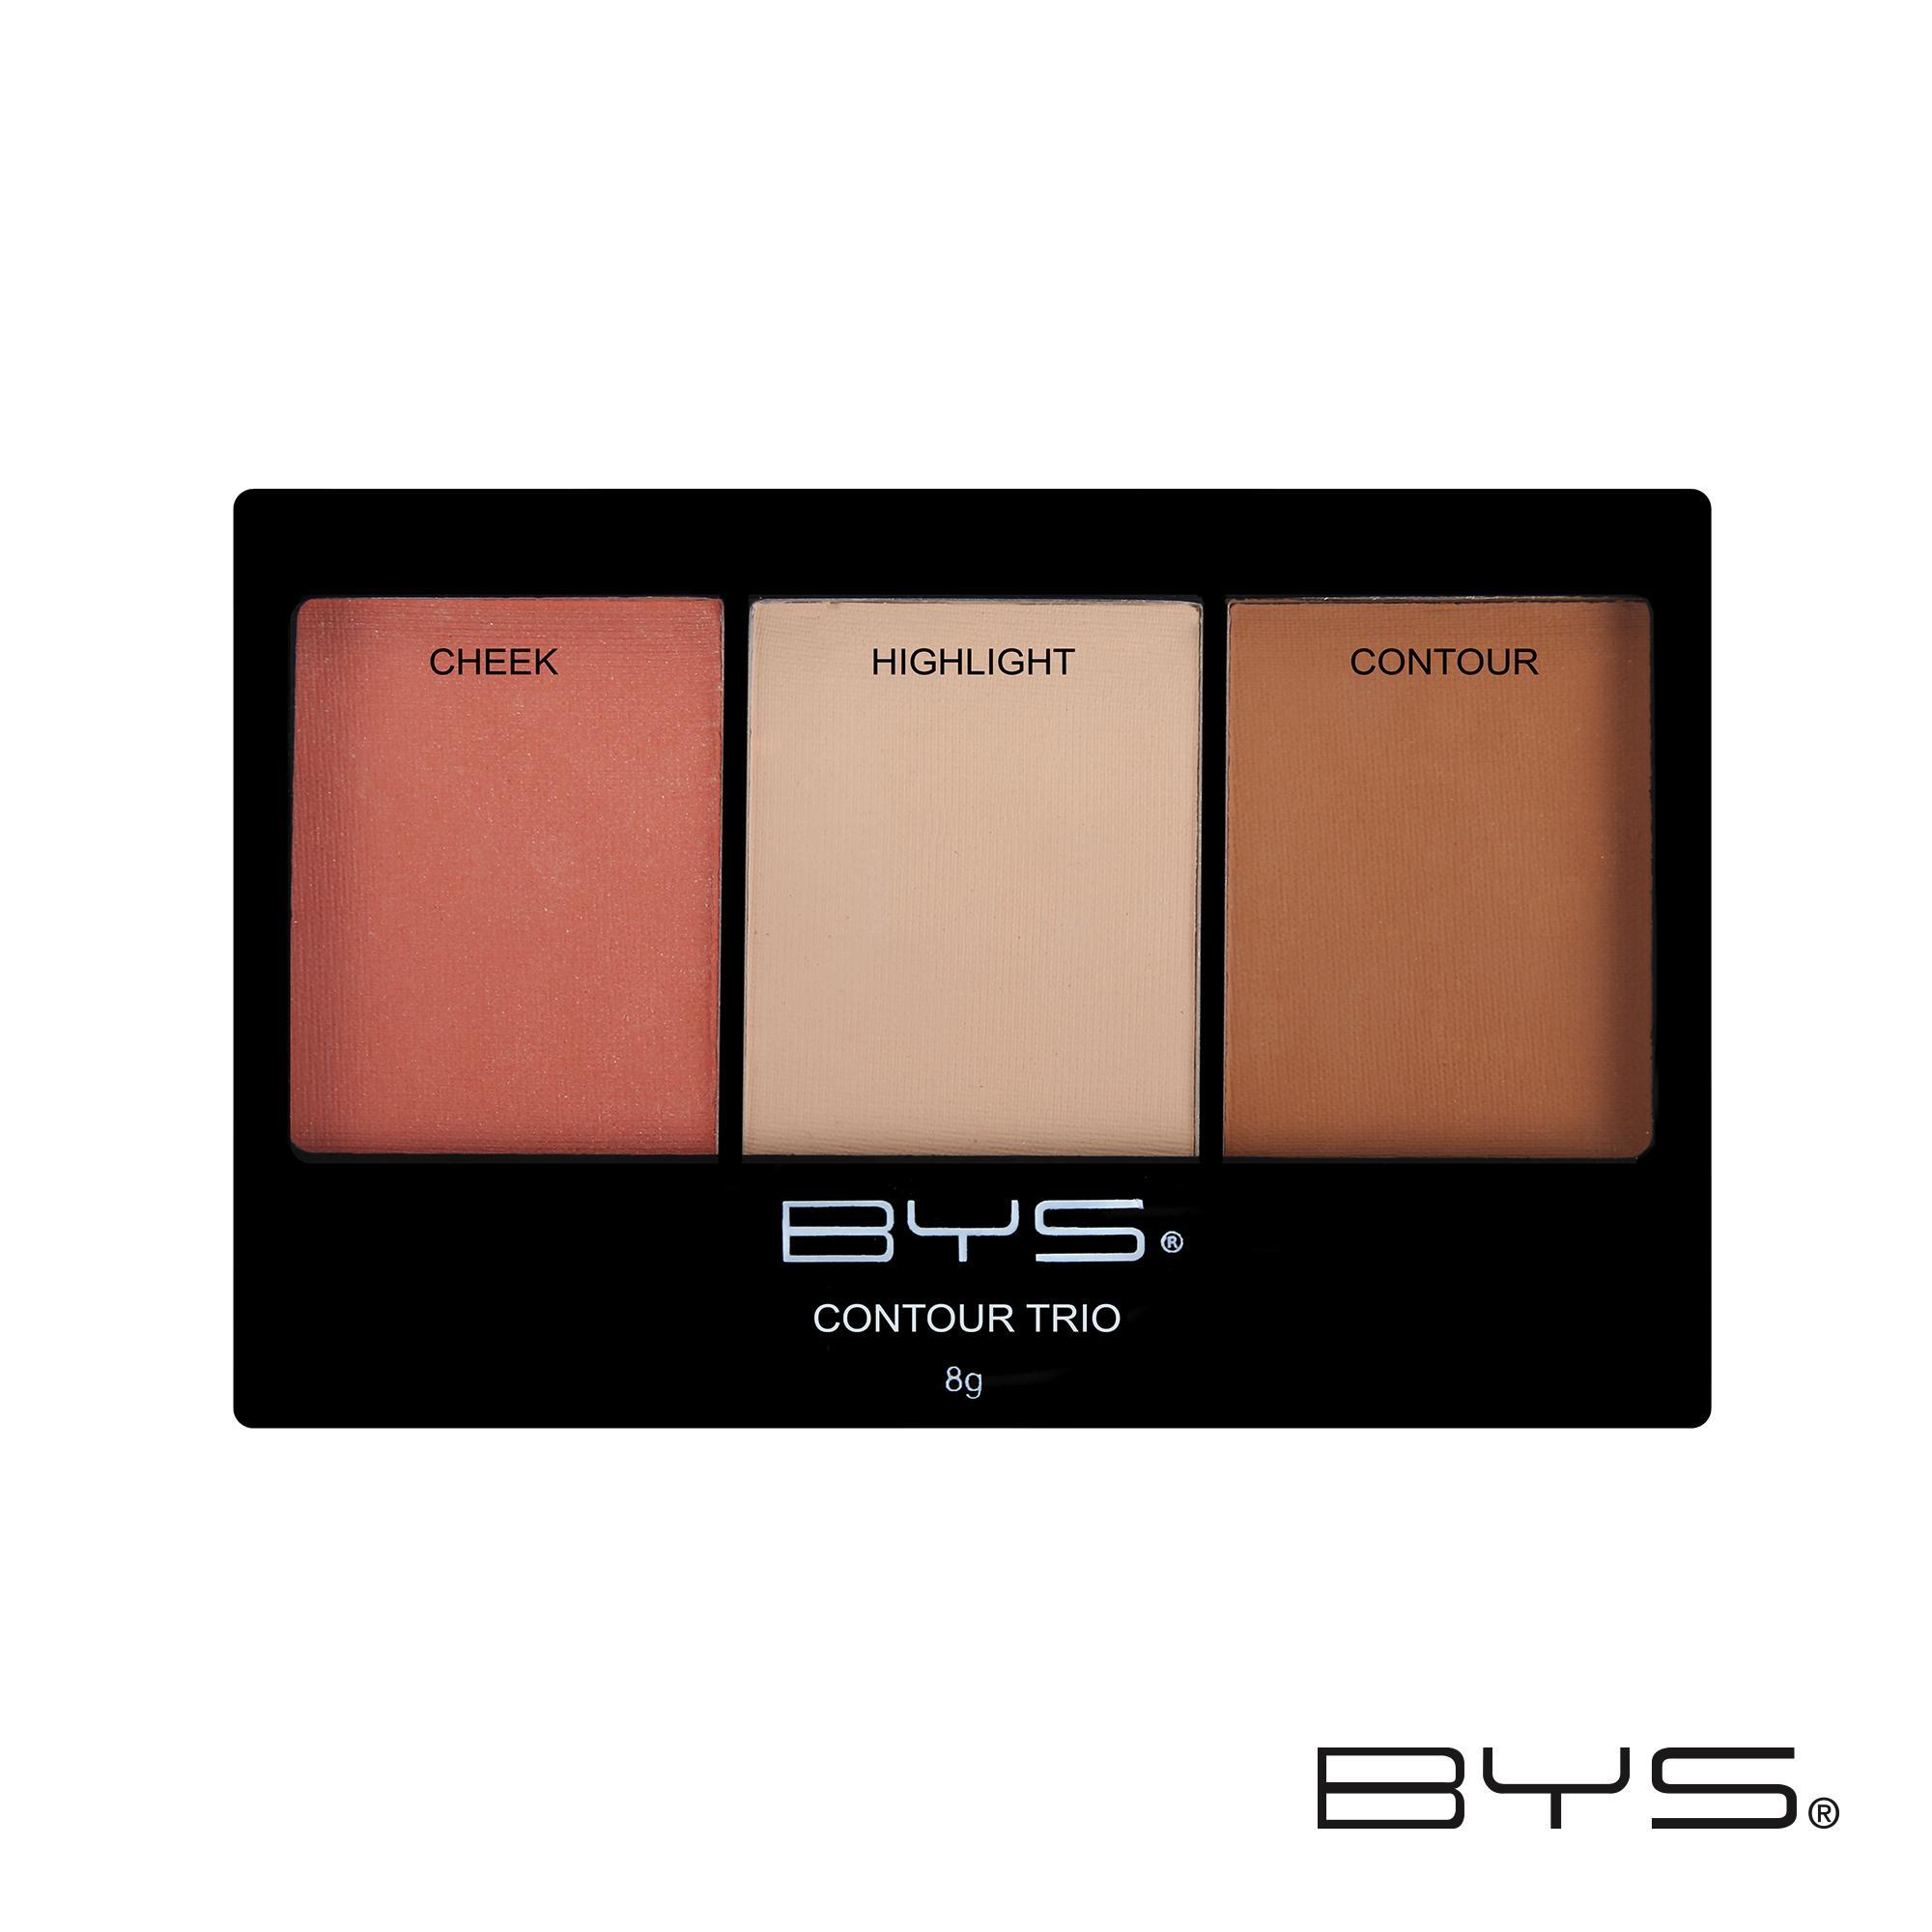 Shimmer Highlights brands - High Lighter Makeup on sale 00bd2c0ff522